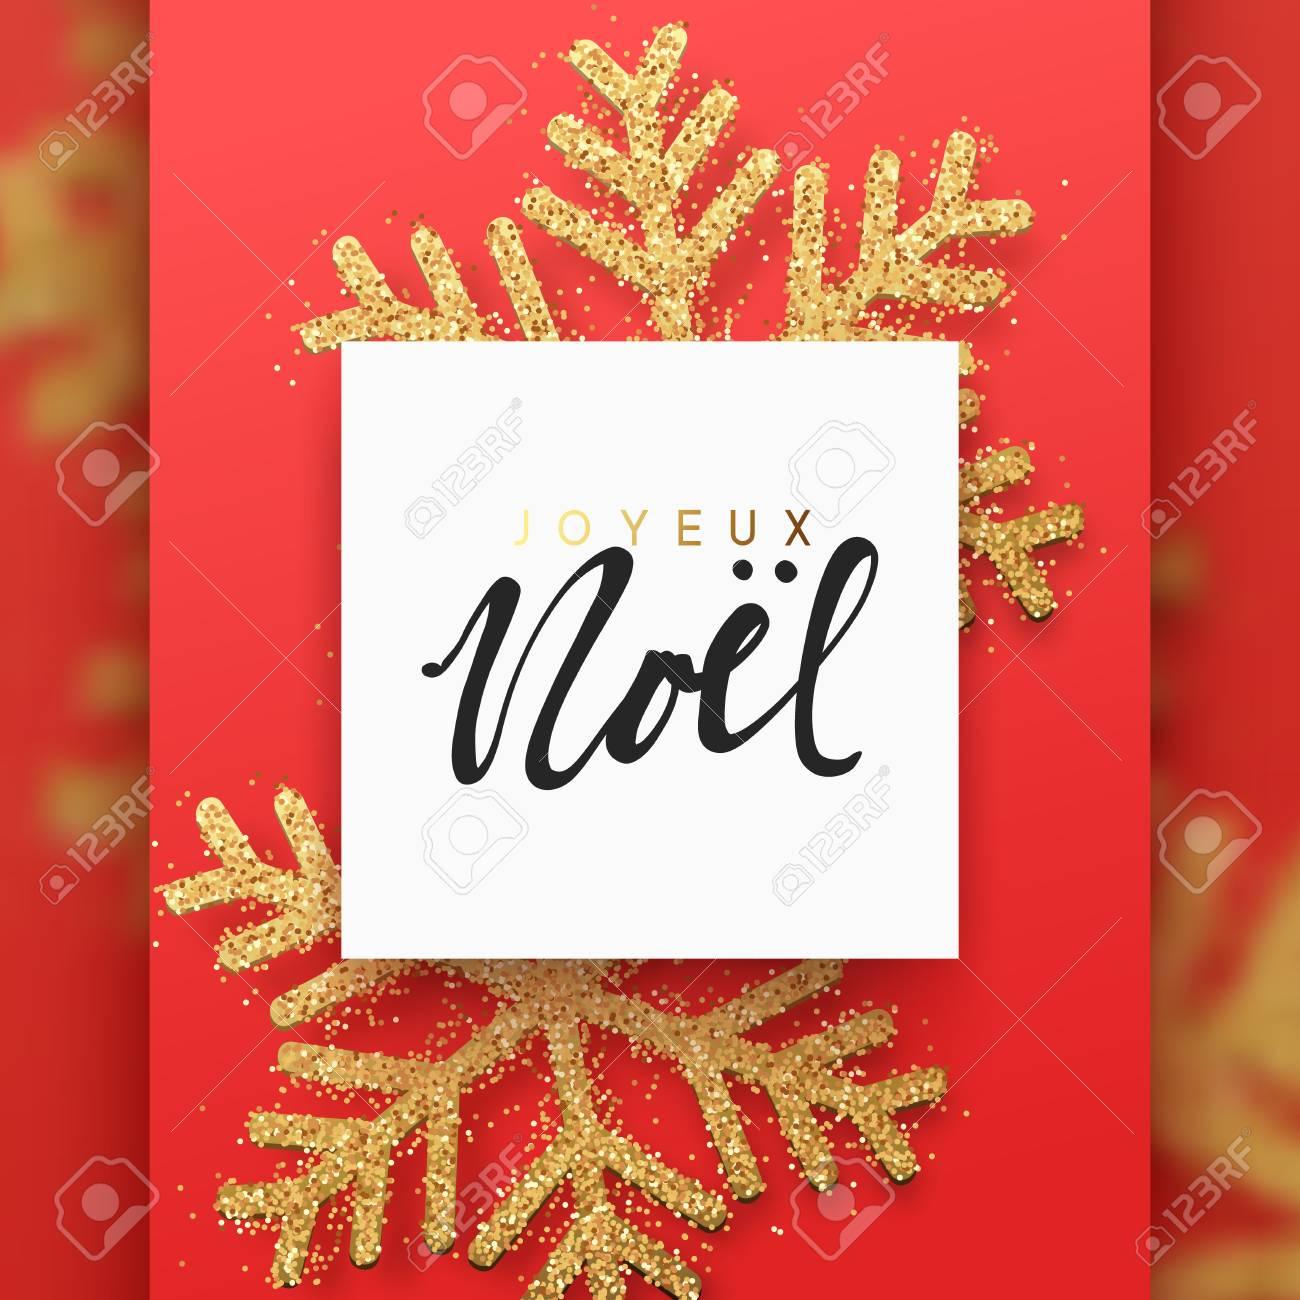 French Text Joyeux Noel Christmas Background With Shining Gold